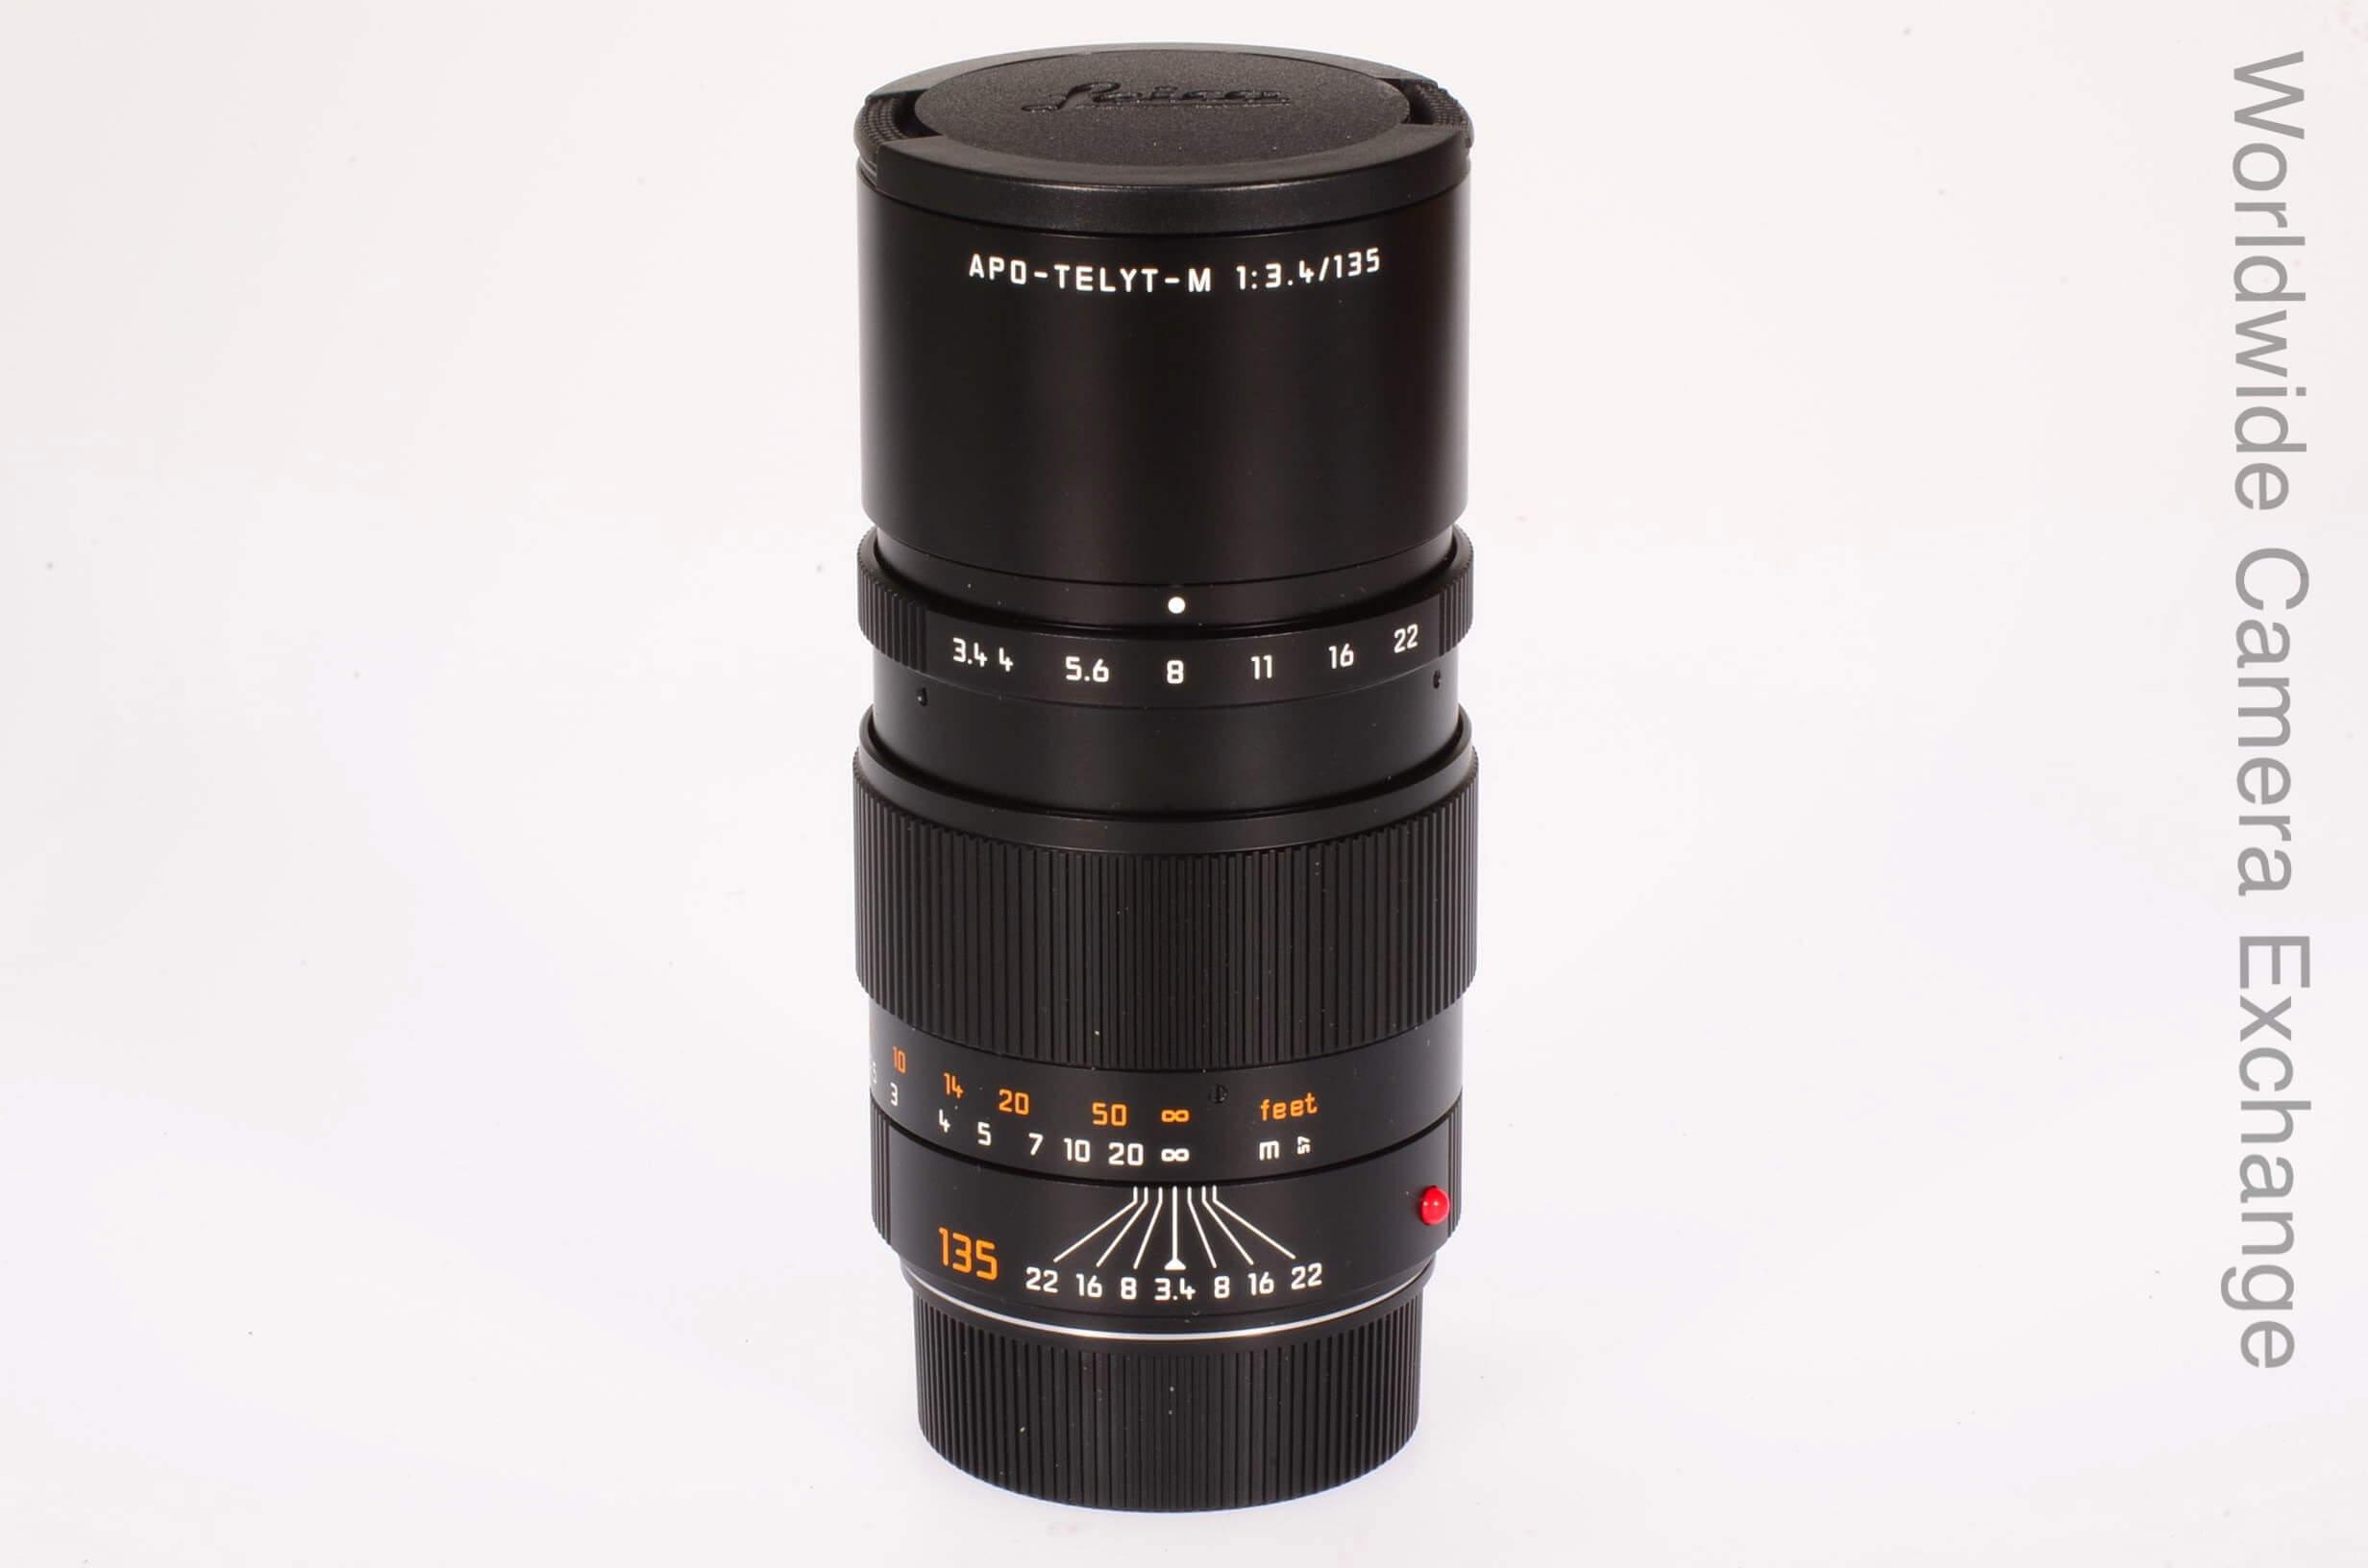 Leica 135mm f3.4 Apo Telyt M, 6 bit, latest, totally mint!